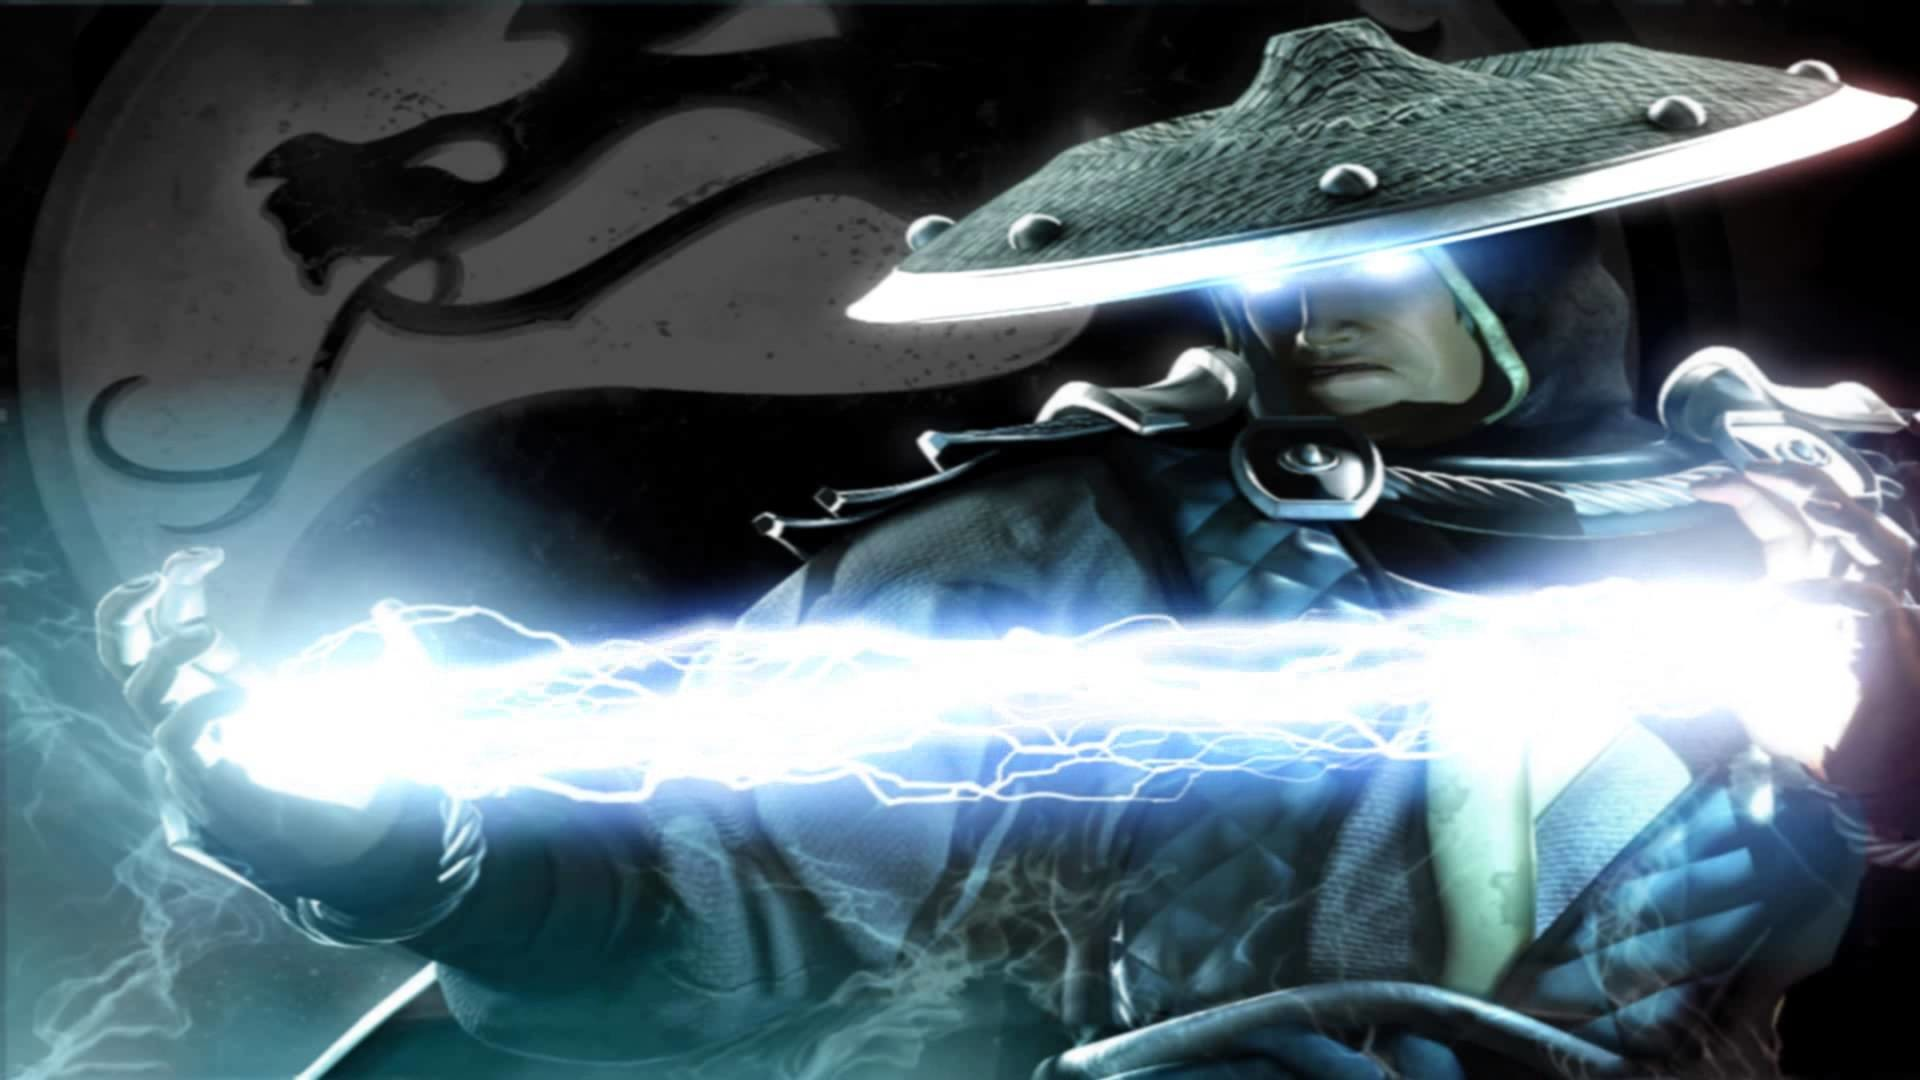 Mortal Kombat World Animated Wallpaper https://www.desktopanimated.com –  YouTube